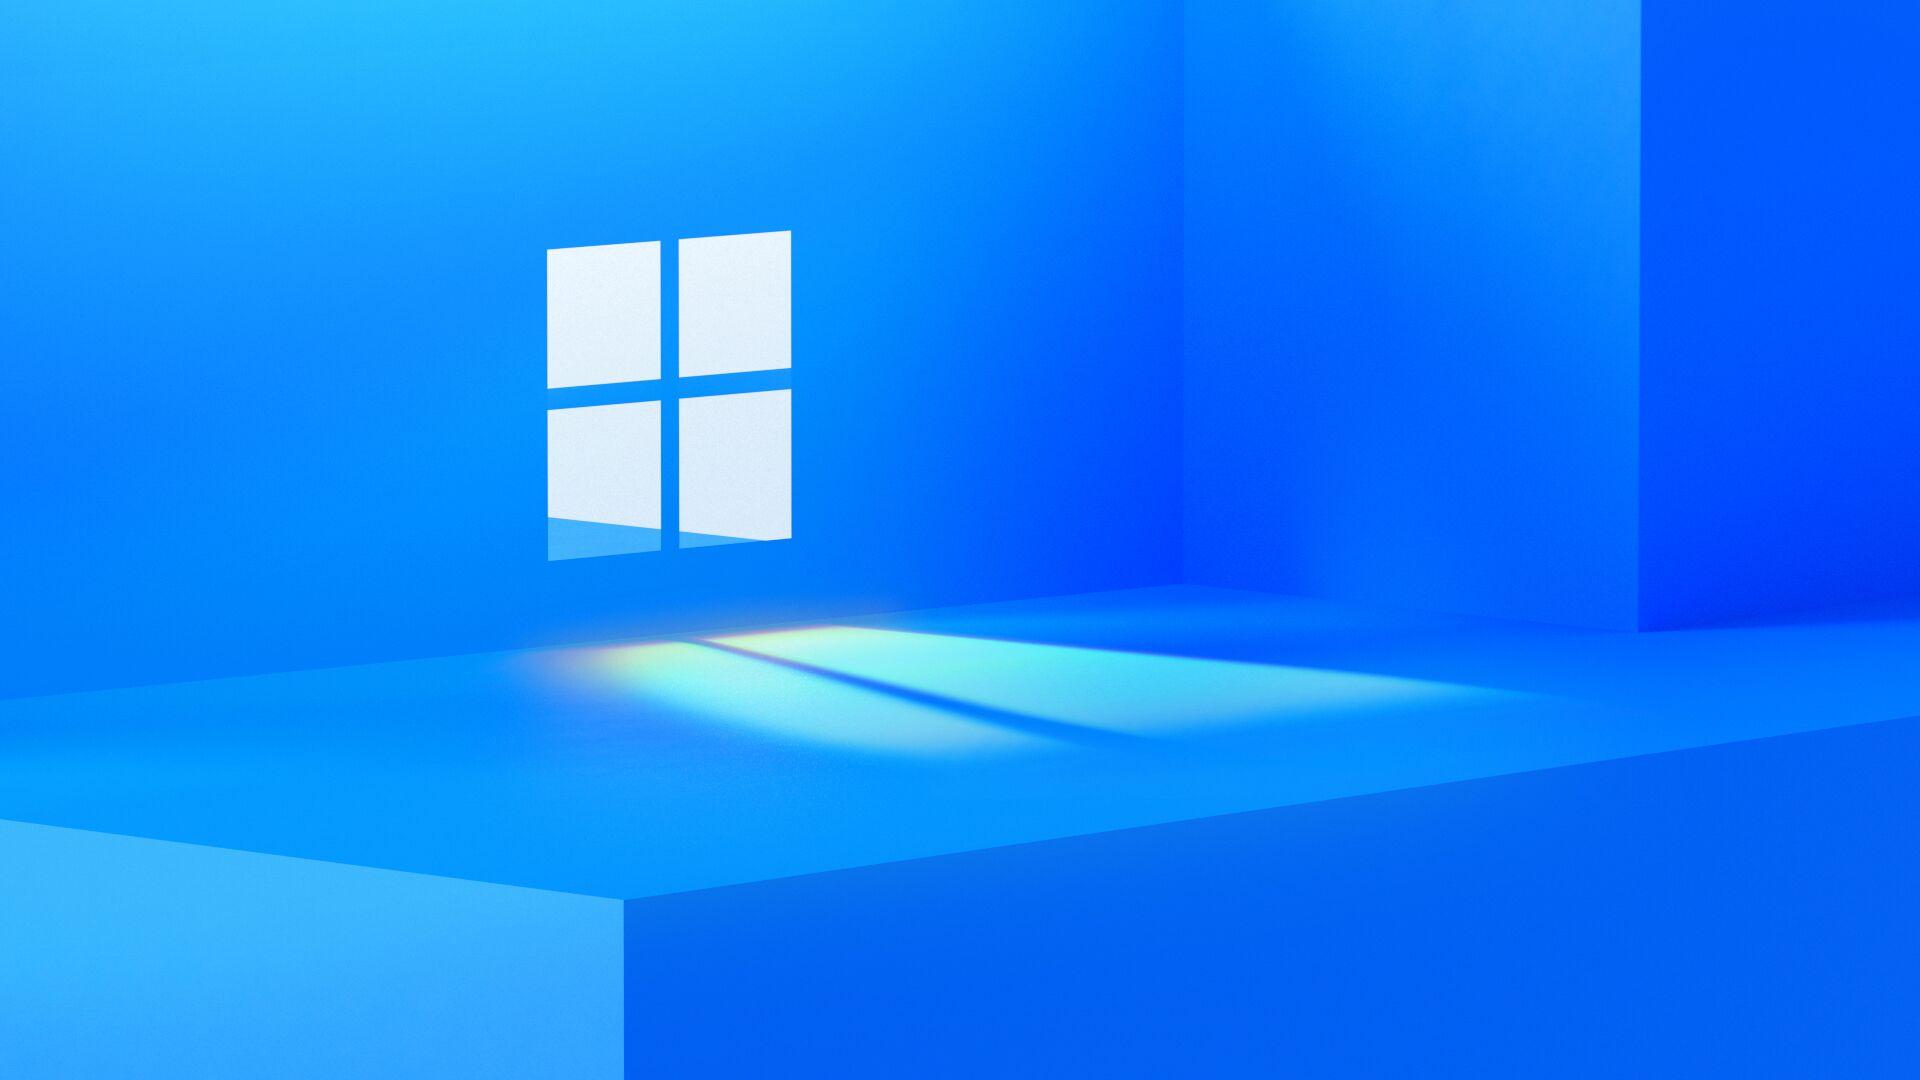 微软尚未发布的Windows 11系统镜像文件提前泄露